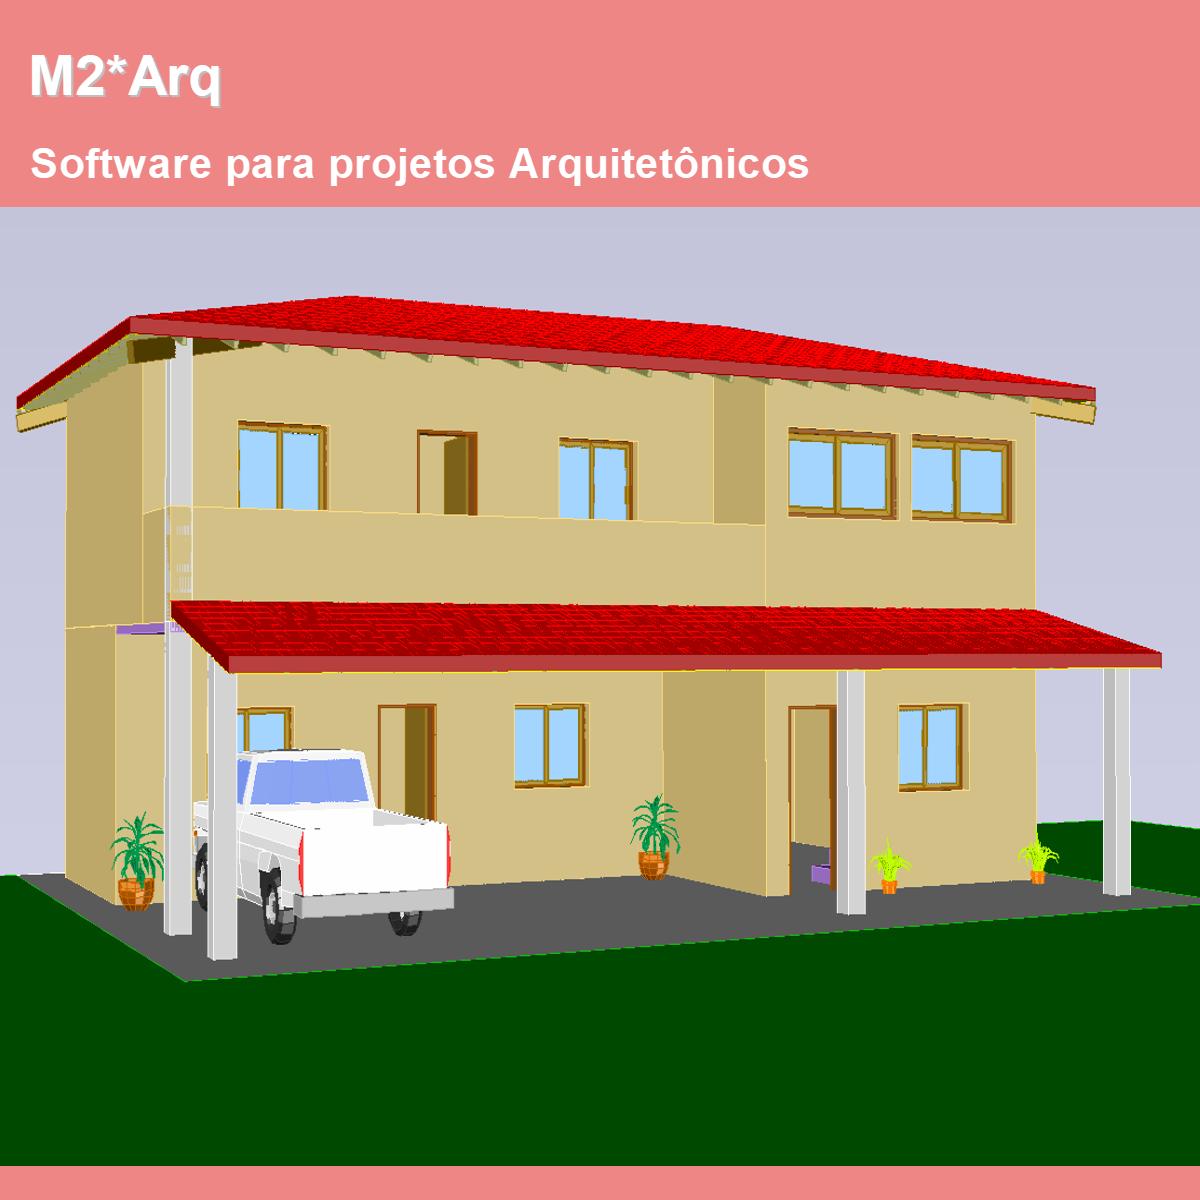 Software M2*Arq versão 2019